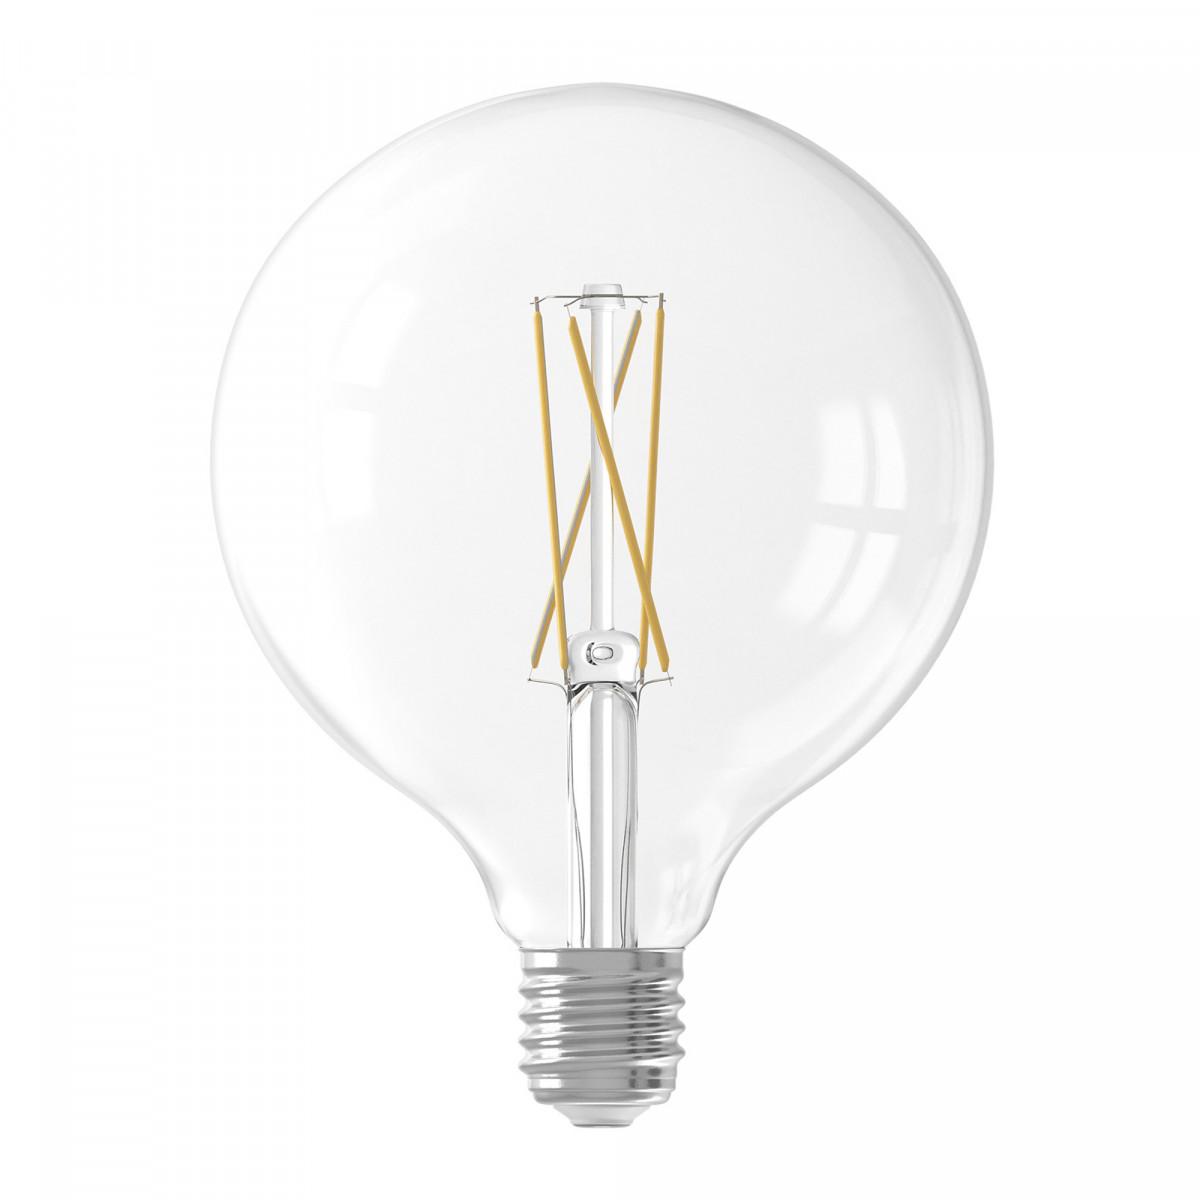 Grote LED lichtbron 6 watt dimbaar warm wit